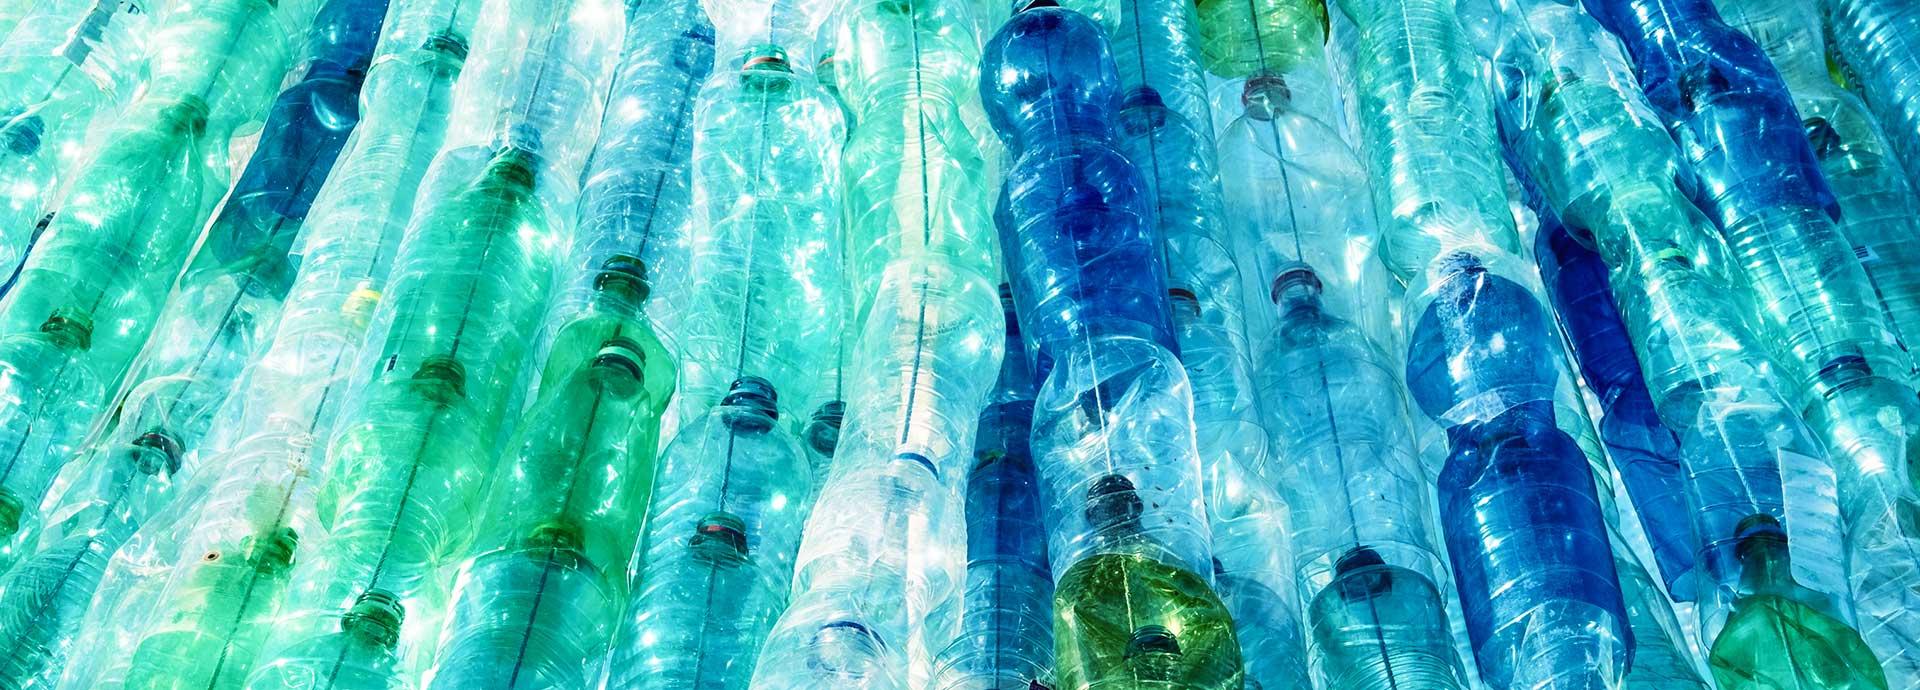 China bans plastic waste imports